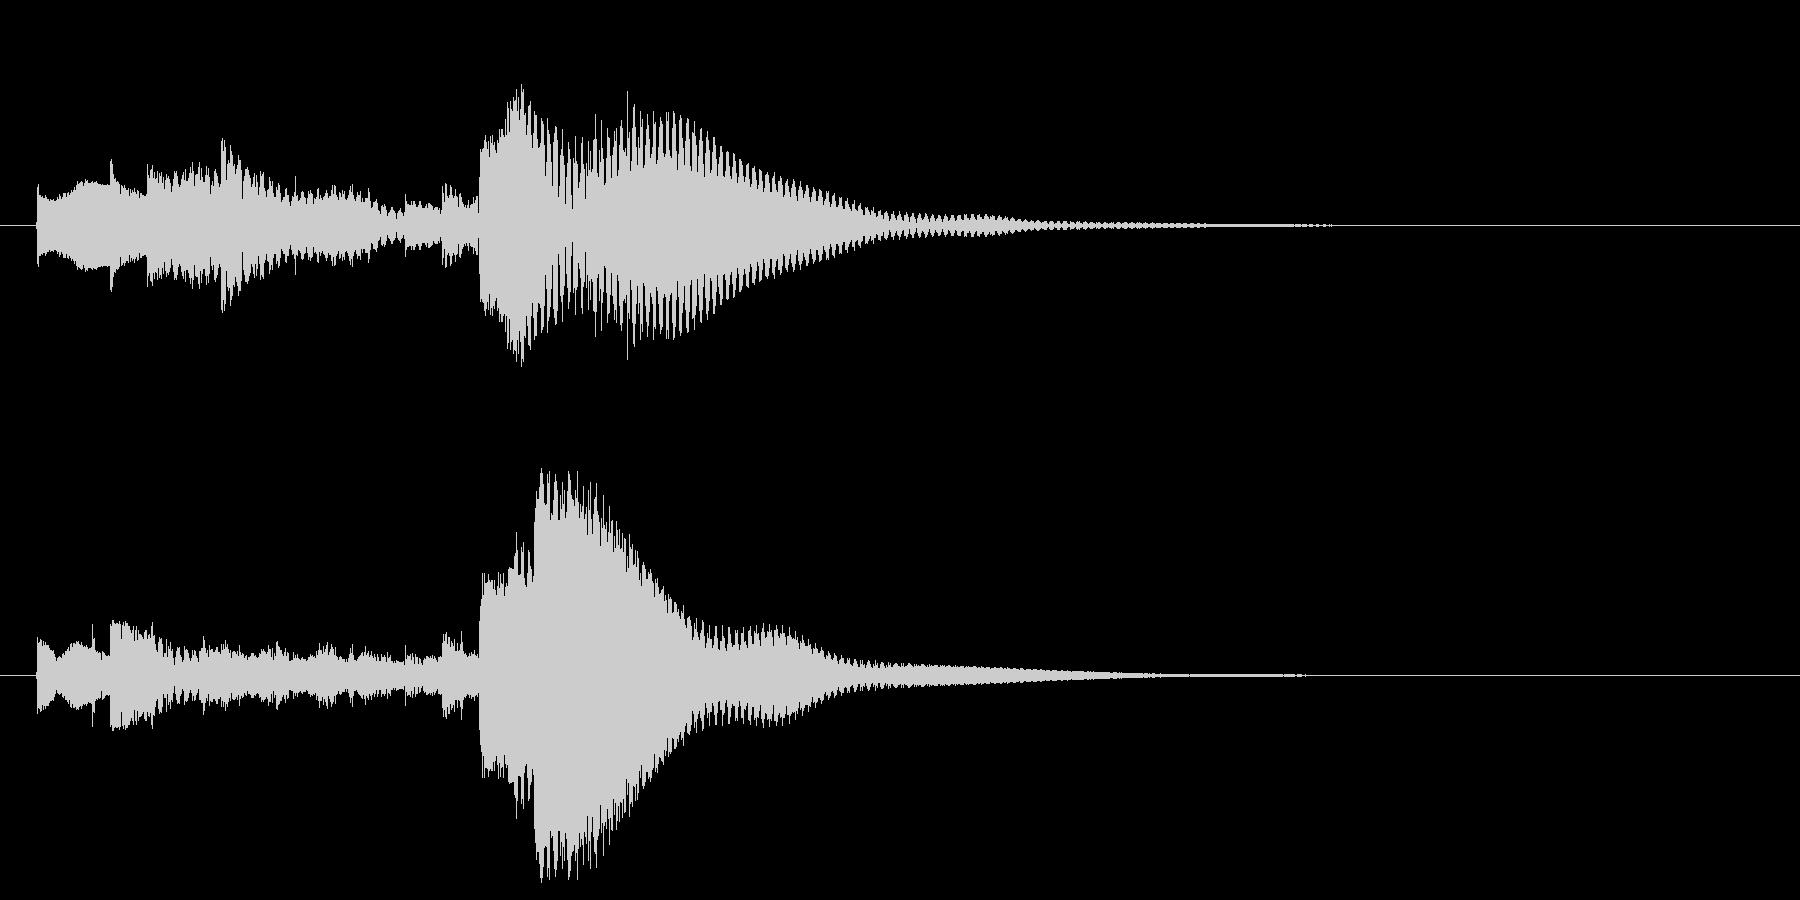 ベルトーンのミステリアスな場面転換音の未再生の波形